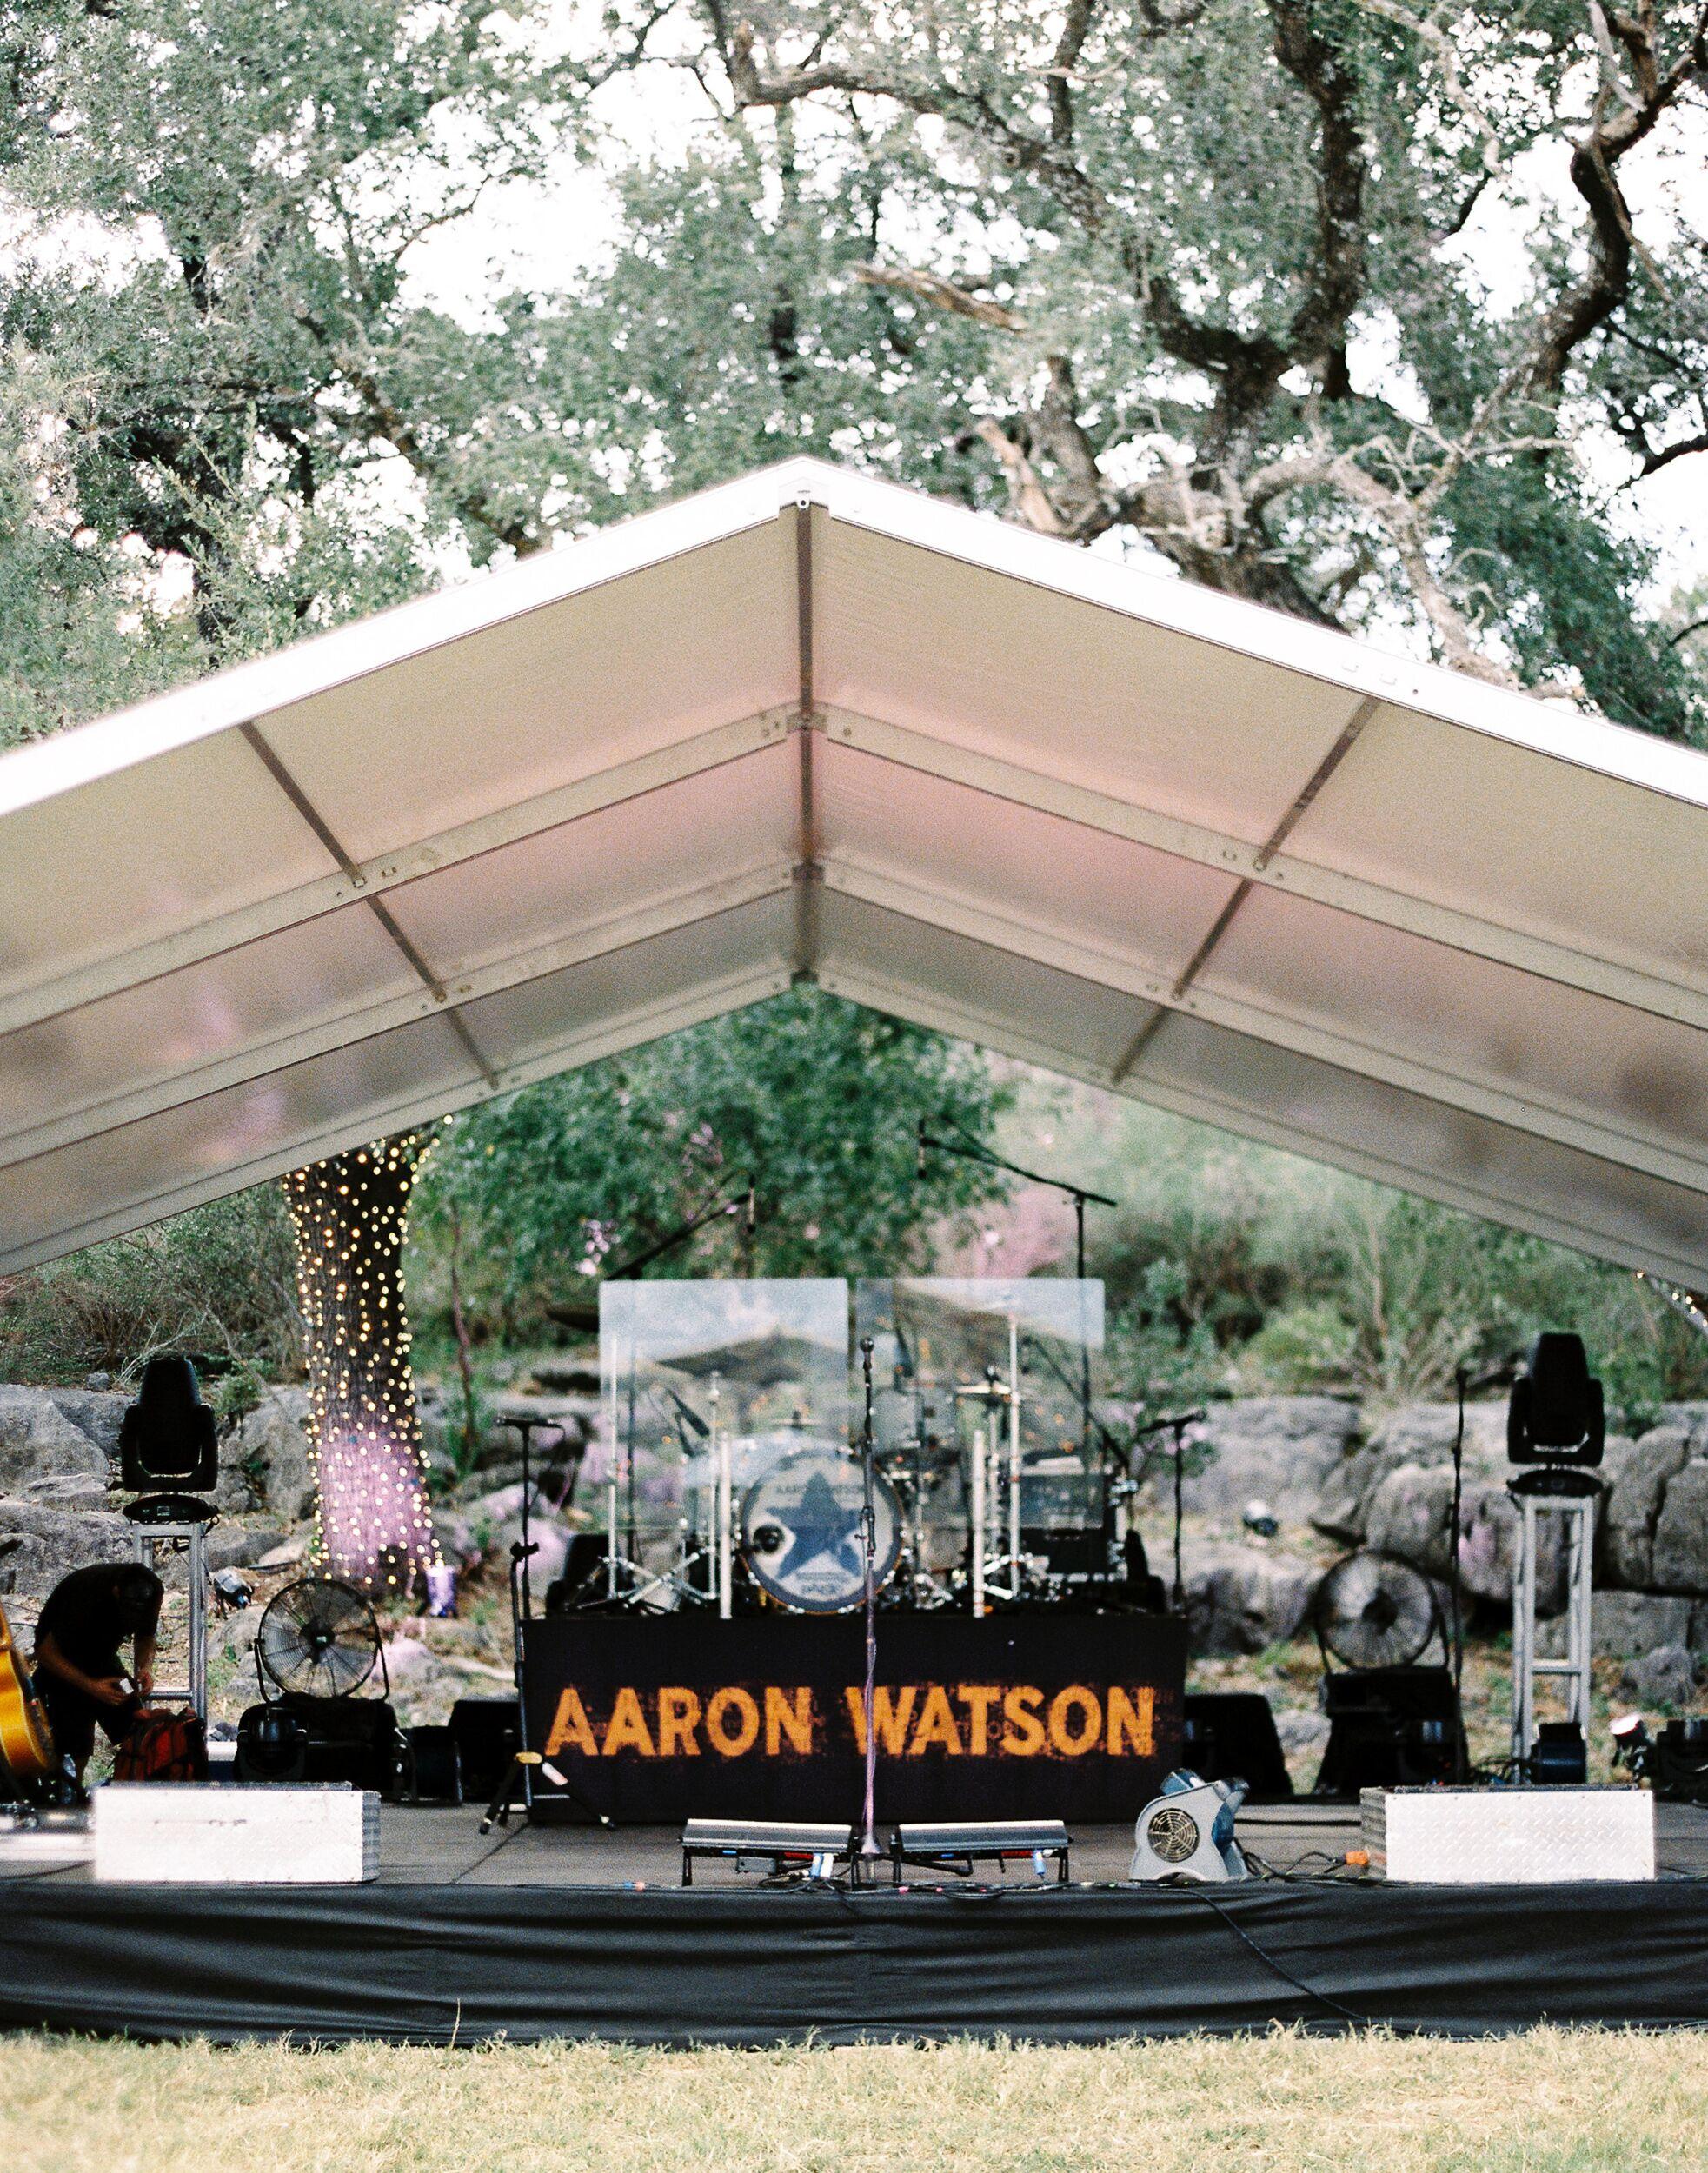 kelsey jacob wedding stage for aaron watson performance